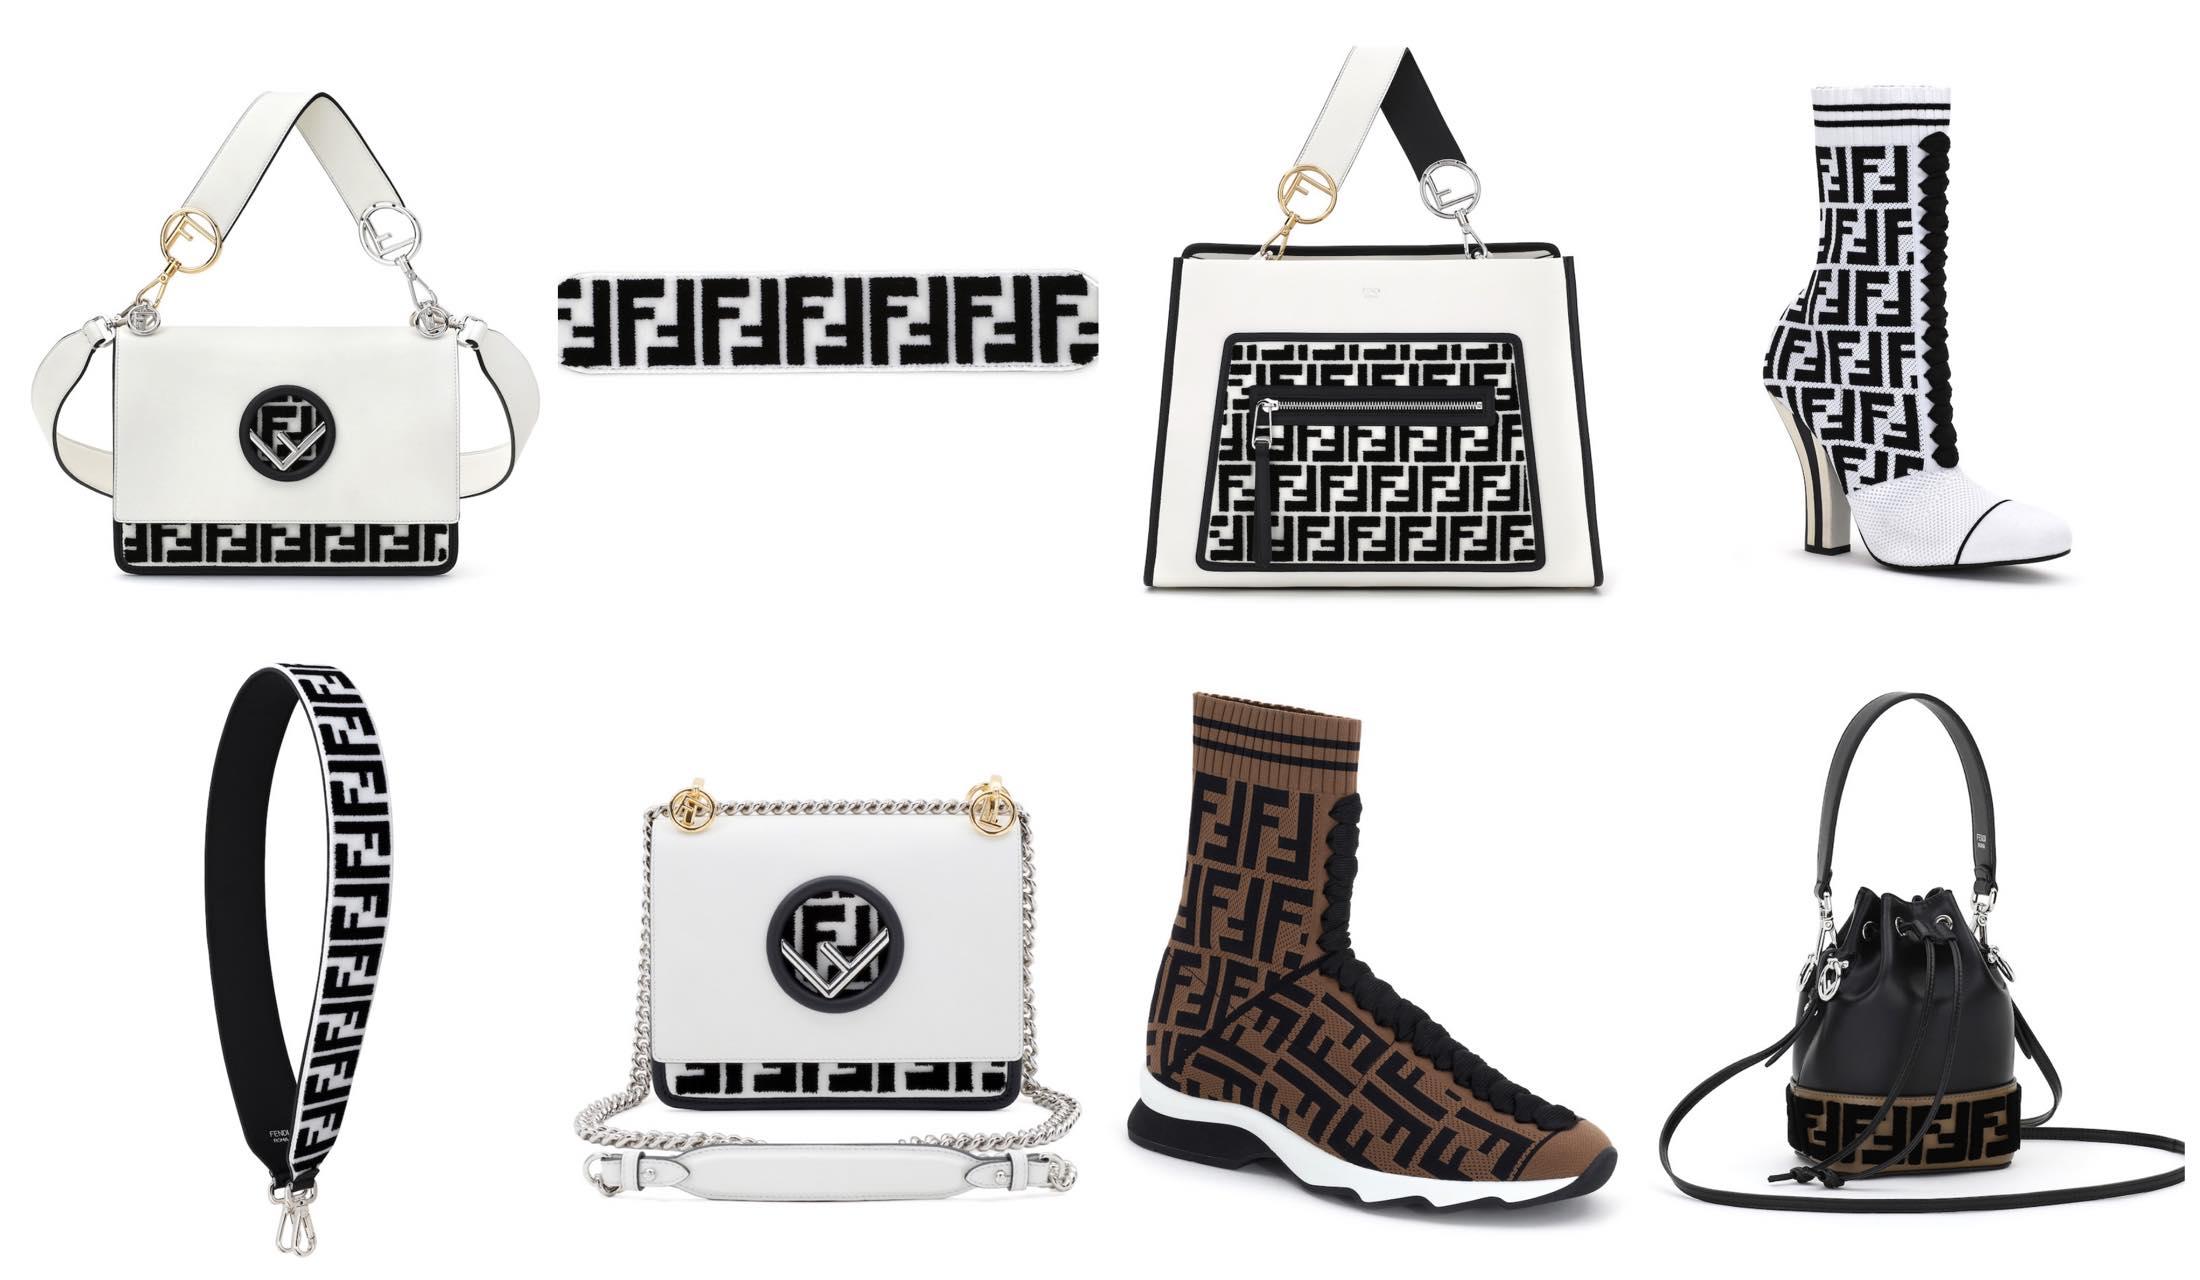 FENDI(フェンディ)のアイコン「FF」ロゴがあしらわれたNET-A-PORTER(ネッタポルテ)限定の商品の写真